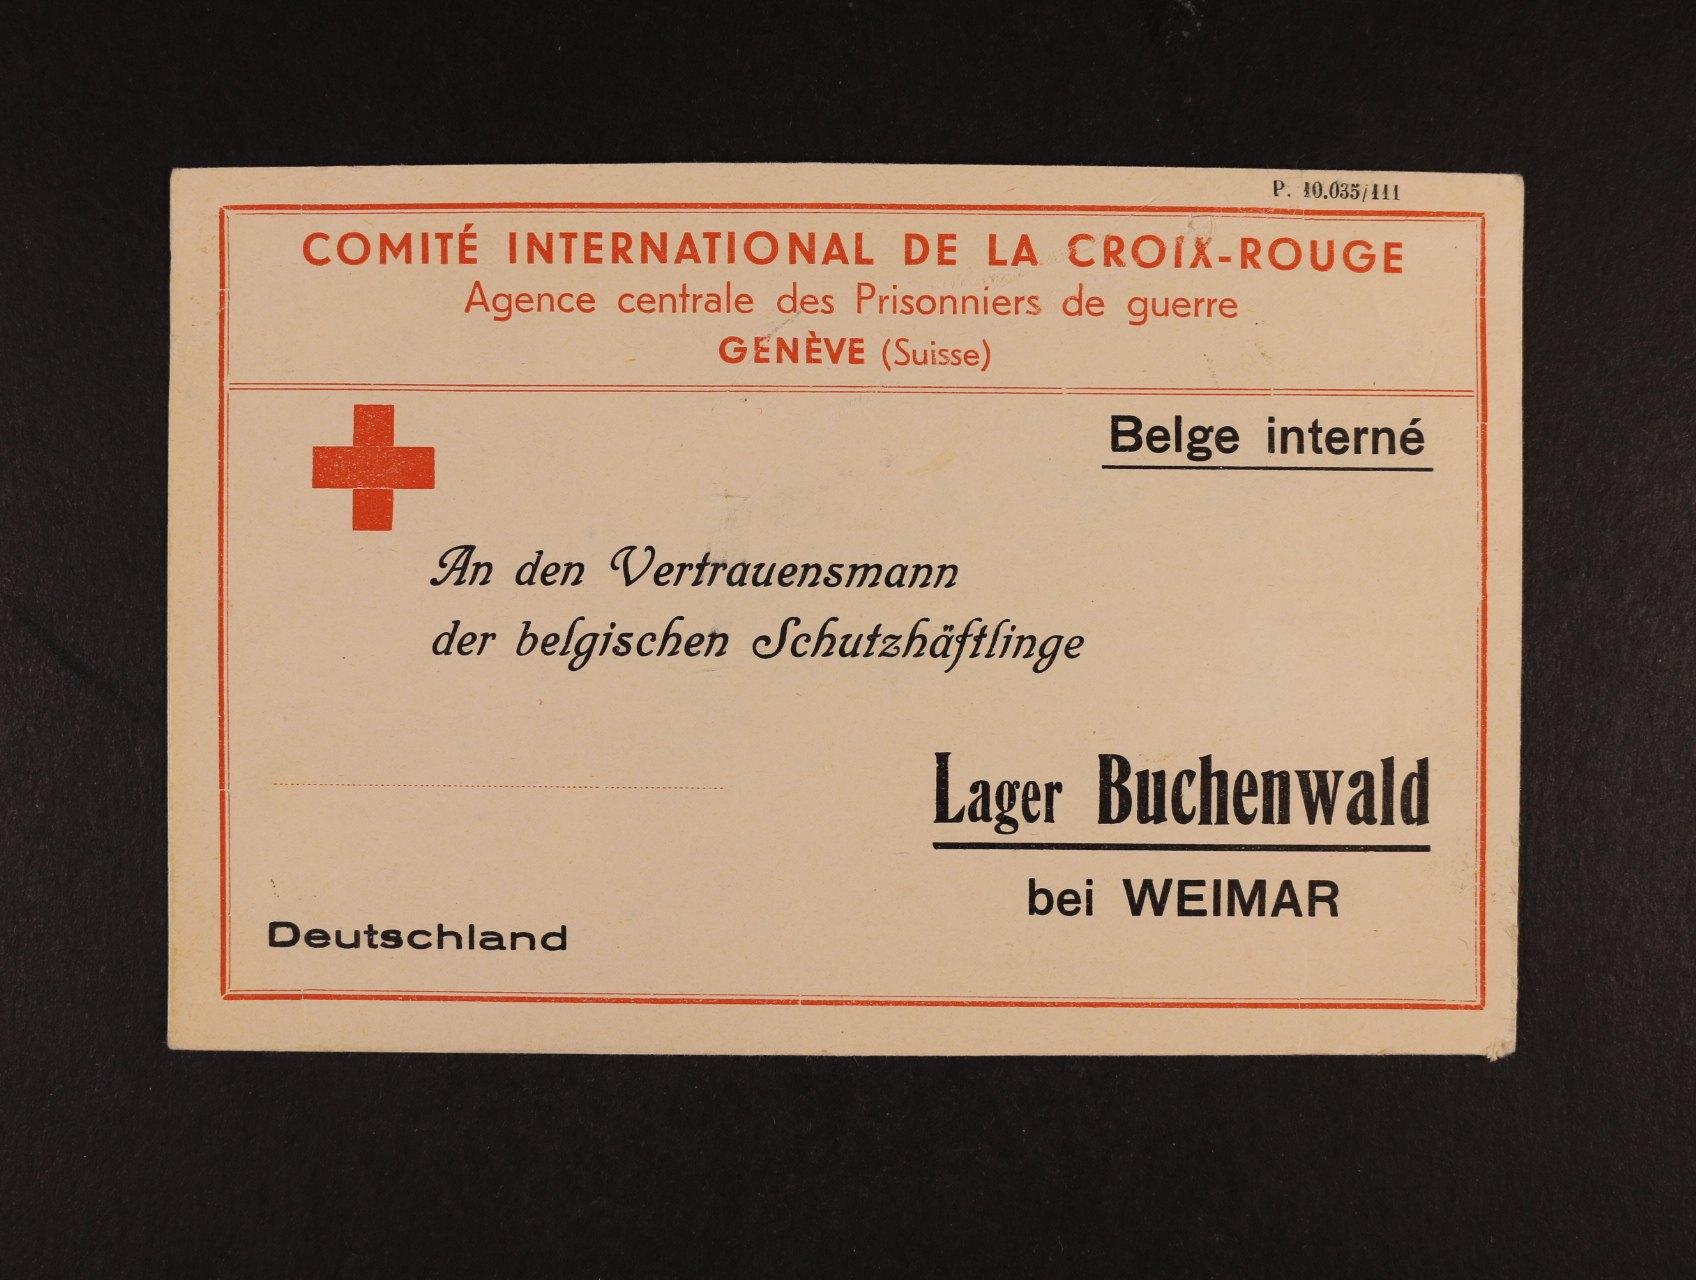 Buchenwald - předtištěná identifikační karta Červeného kříže pro belgické zajatce